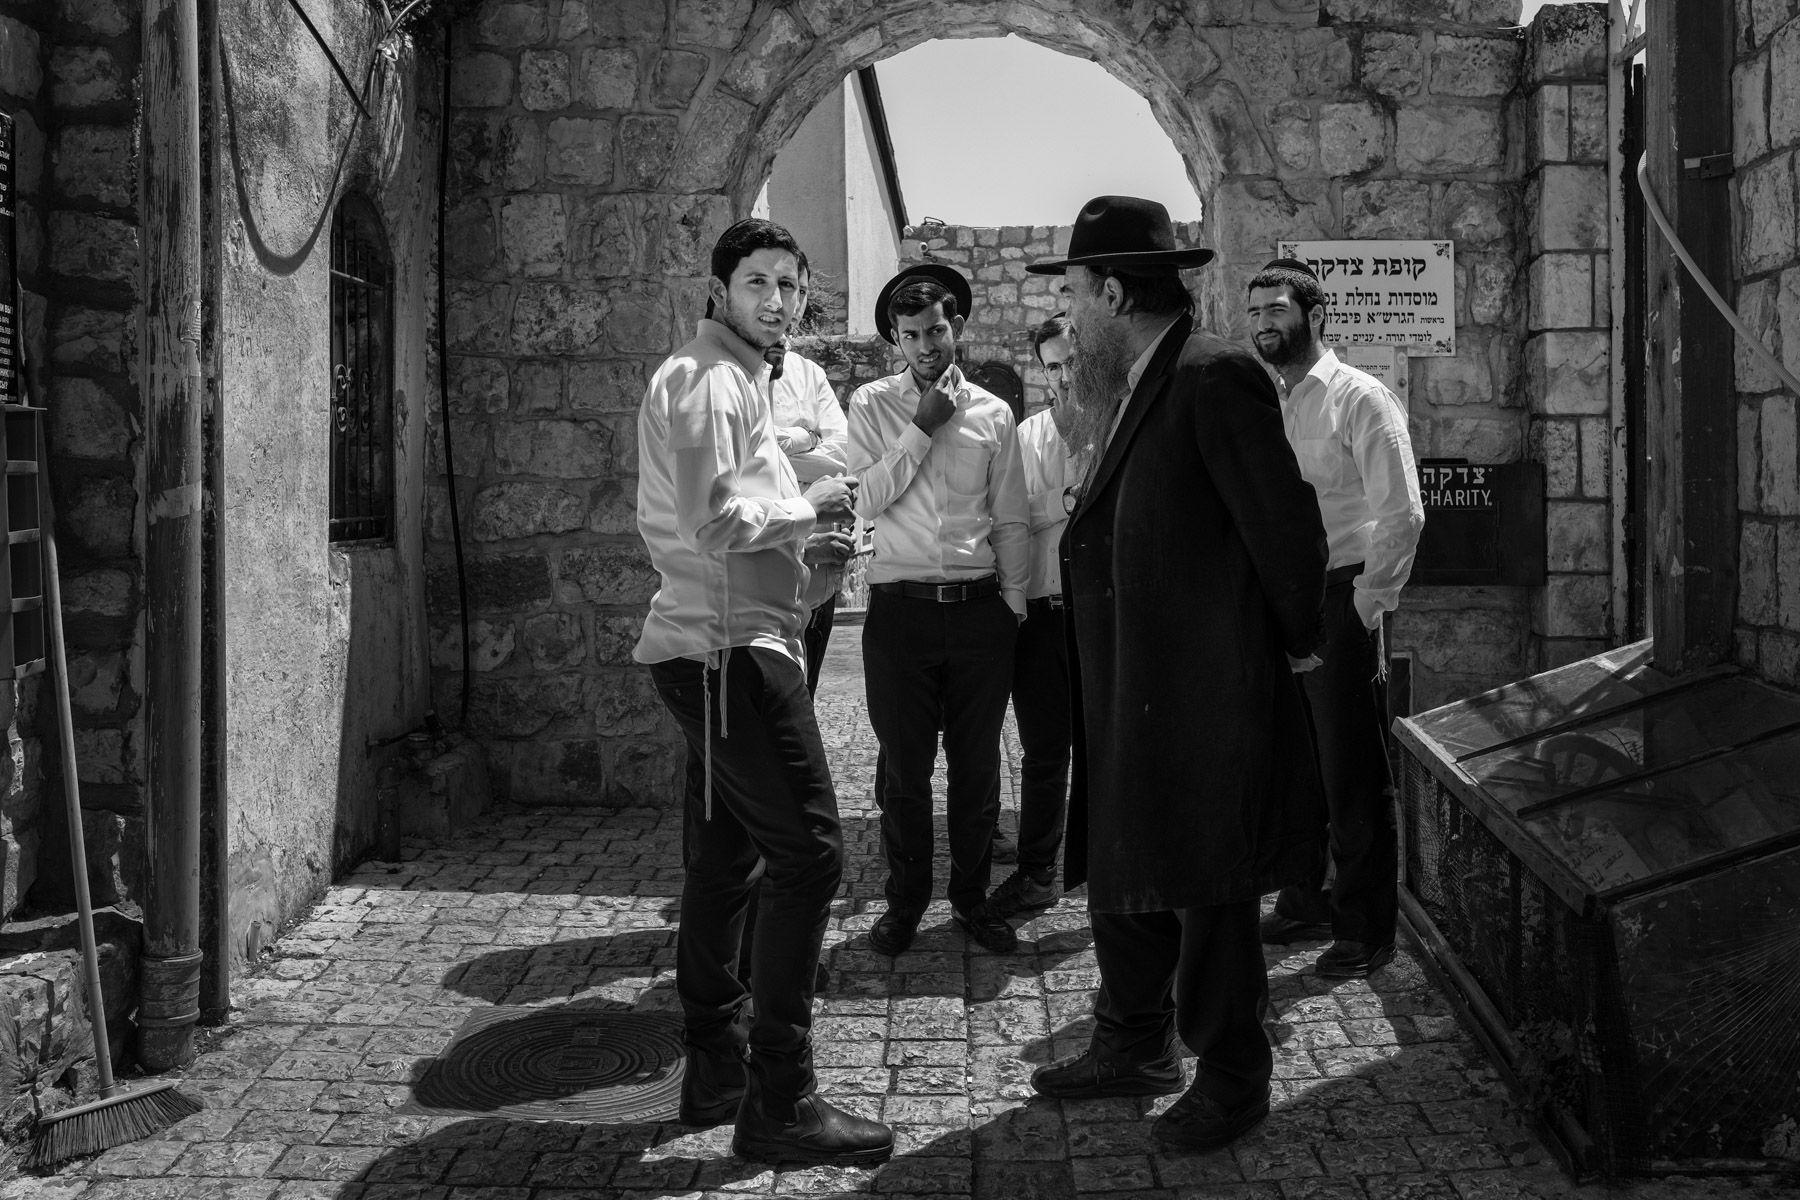 Tzfat, Israel 05/08/17